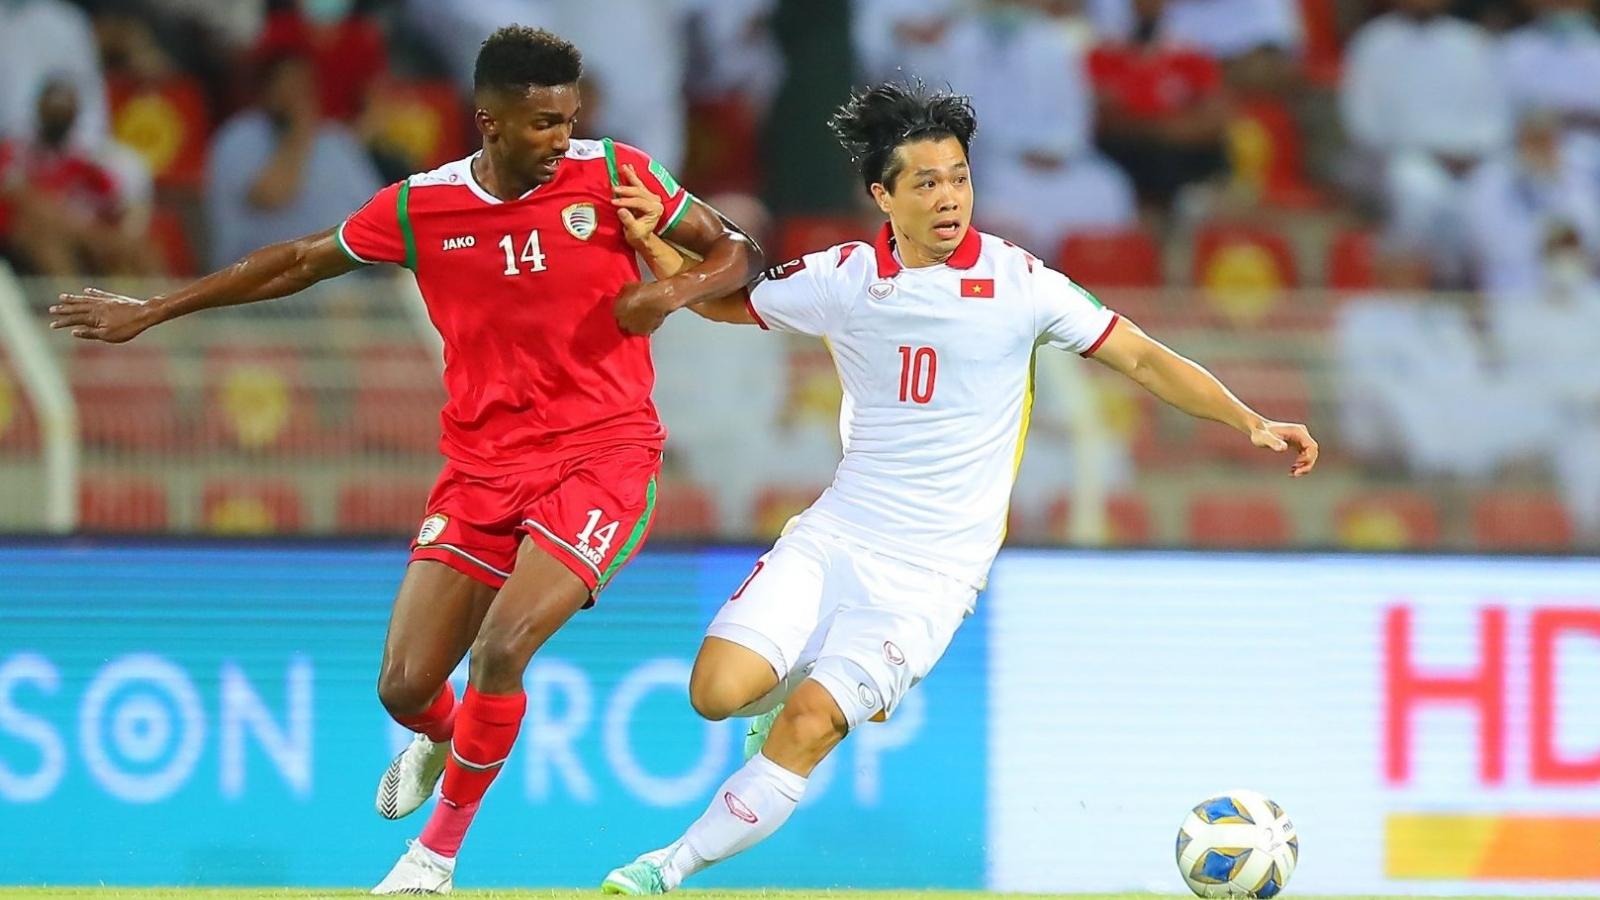 Thua ngược Oman, ĐT Việt Nam vẫn chưa có điểm ở vòng loại thứ ba World Cup 2022